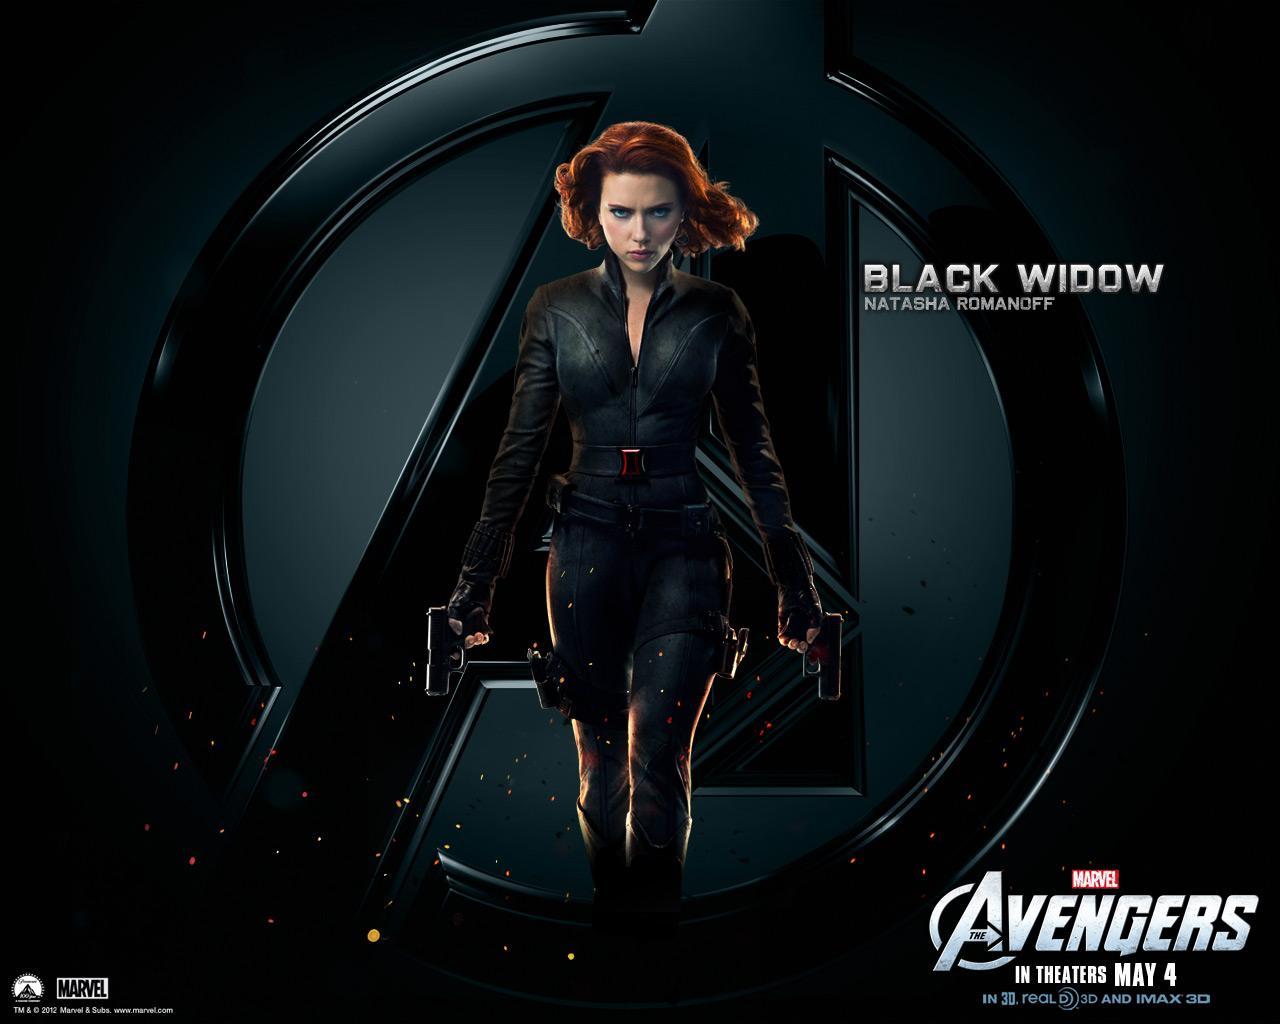 Black Widow   The Avengers Wallpaper 30730371 1280x1024